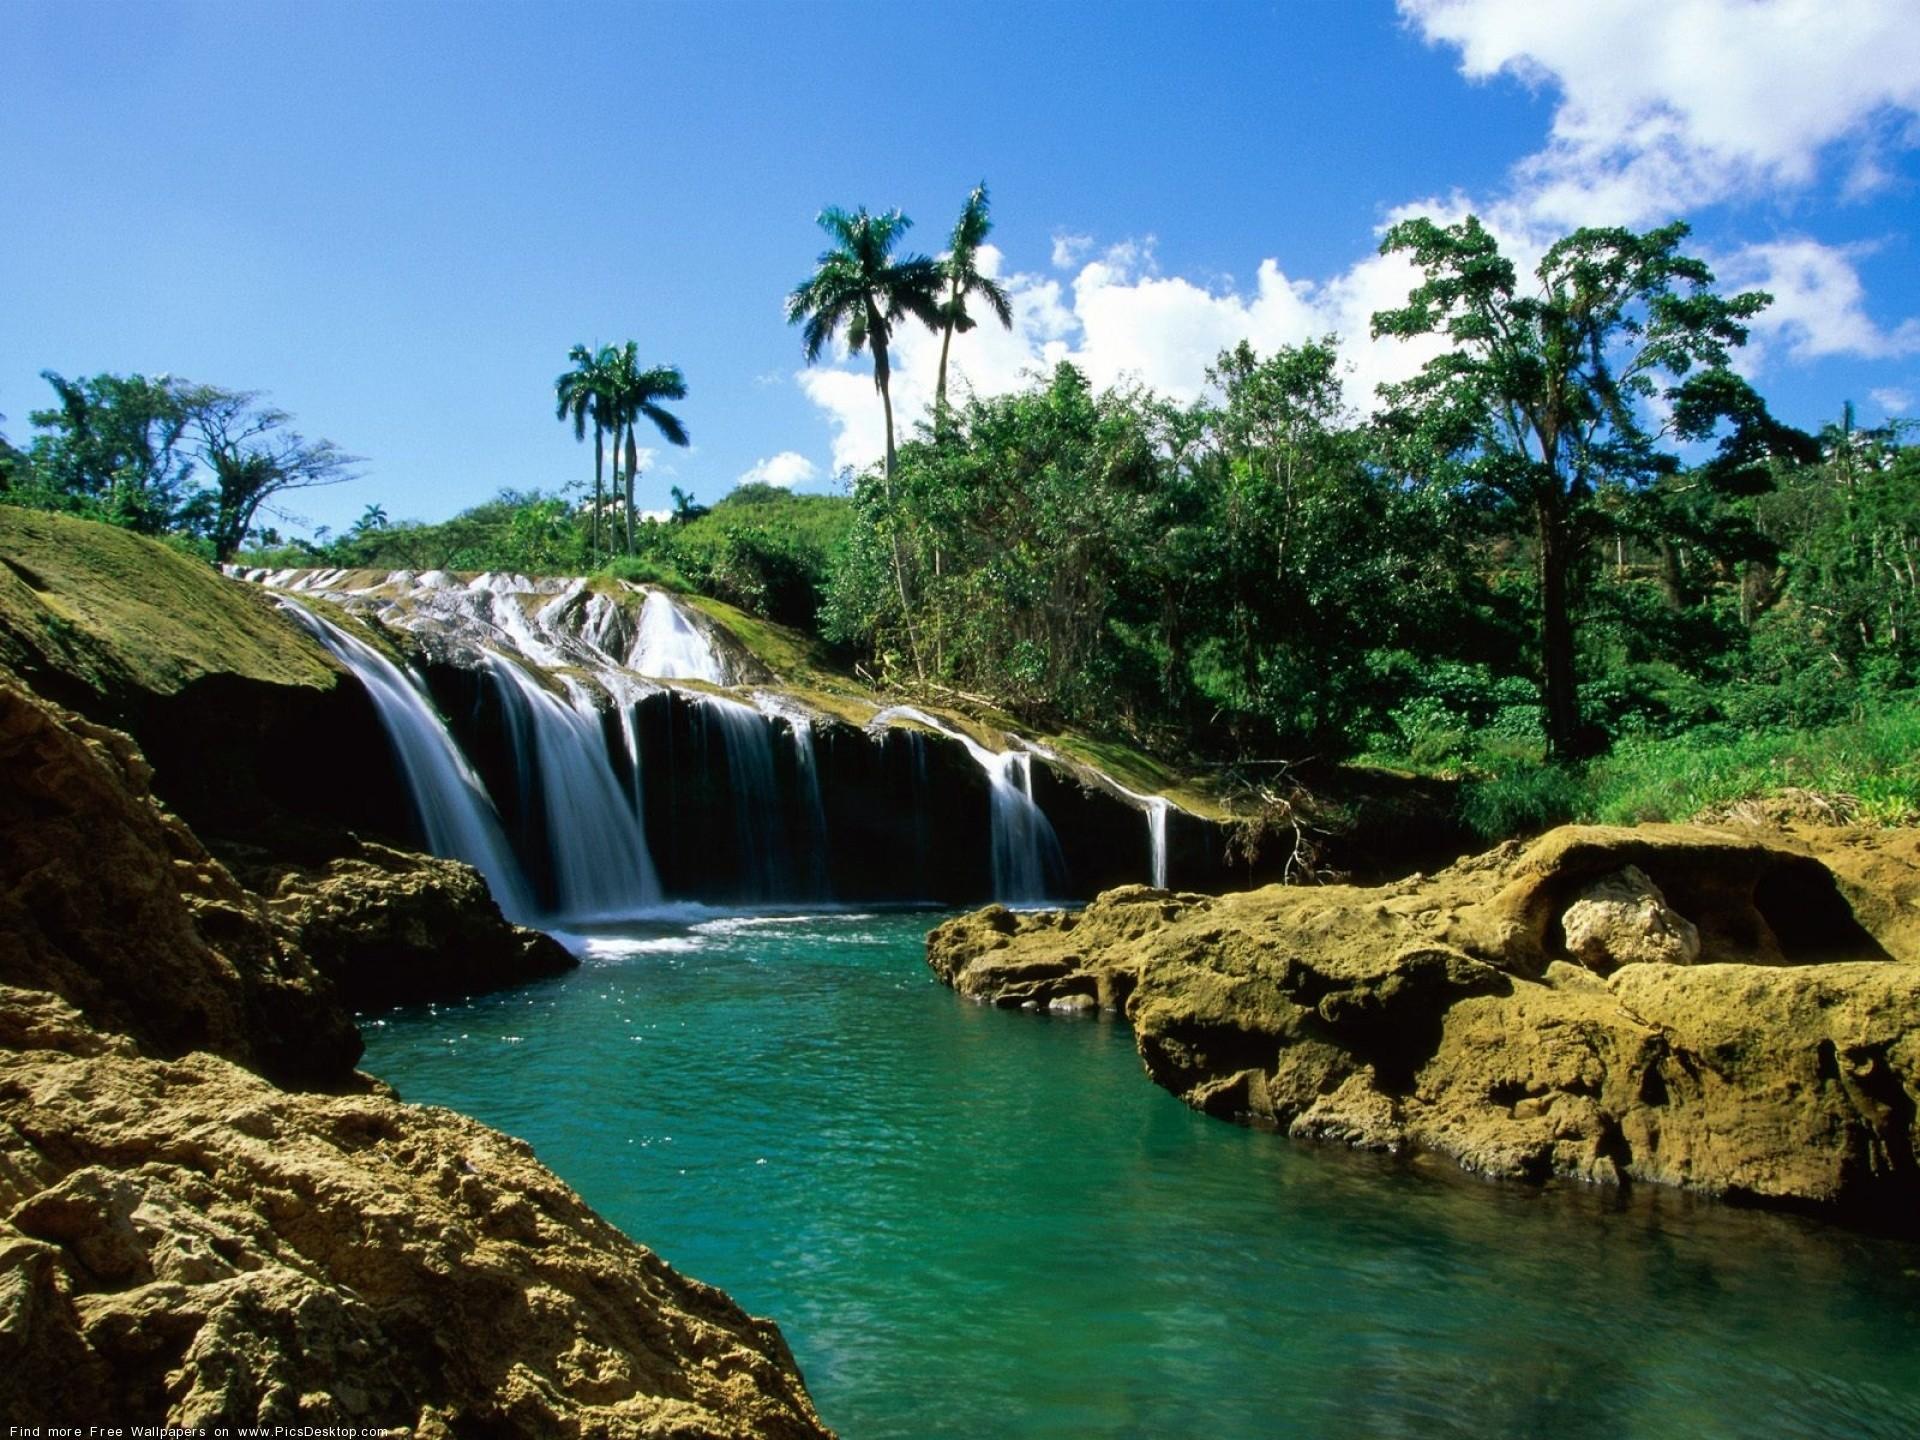 Explore Trinidad Cuba, Trinidad And Tobago, and more!